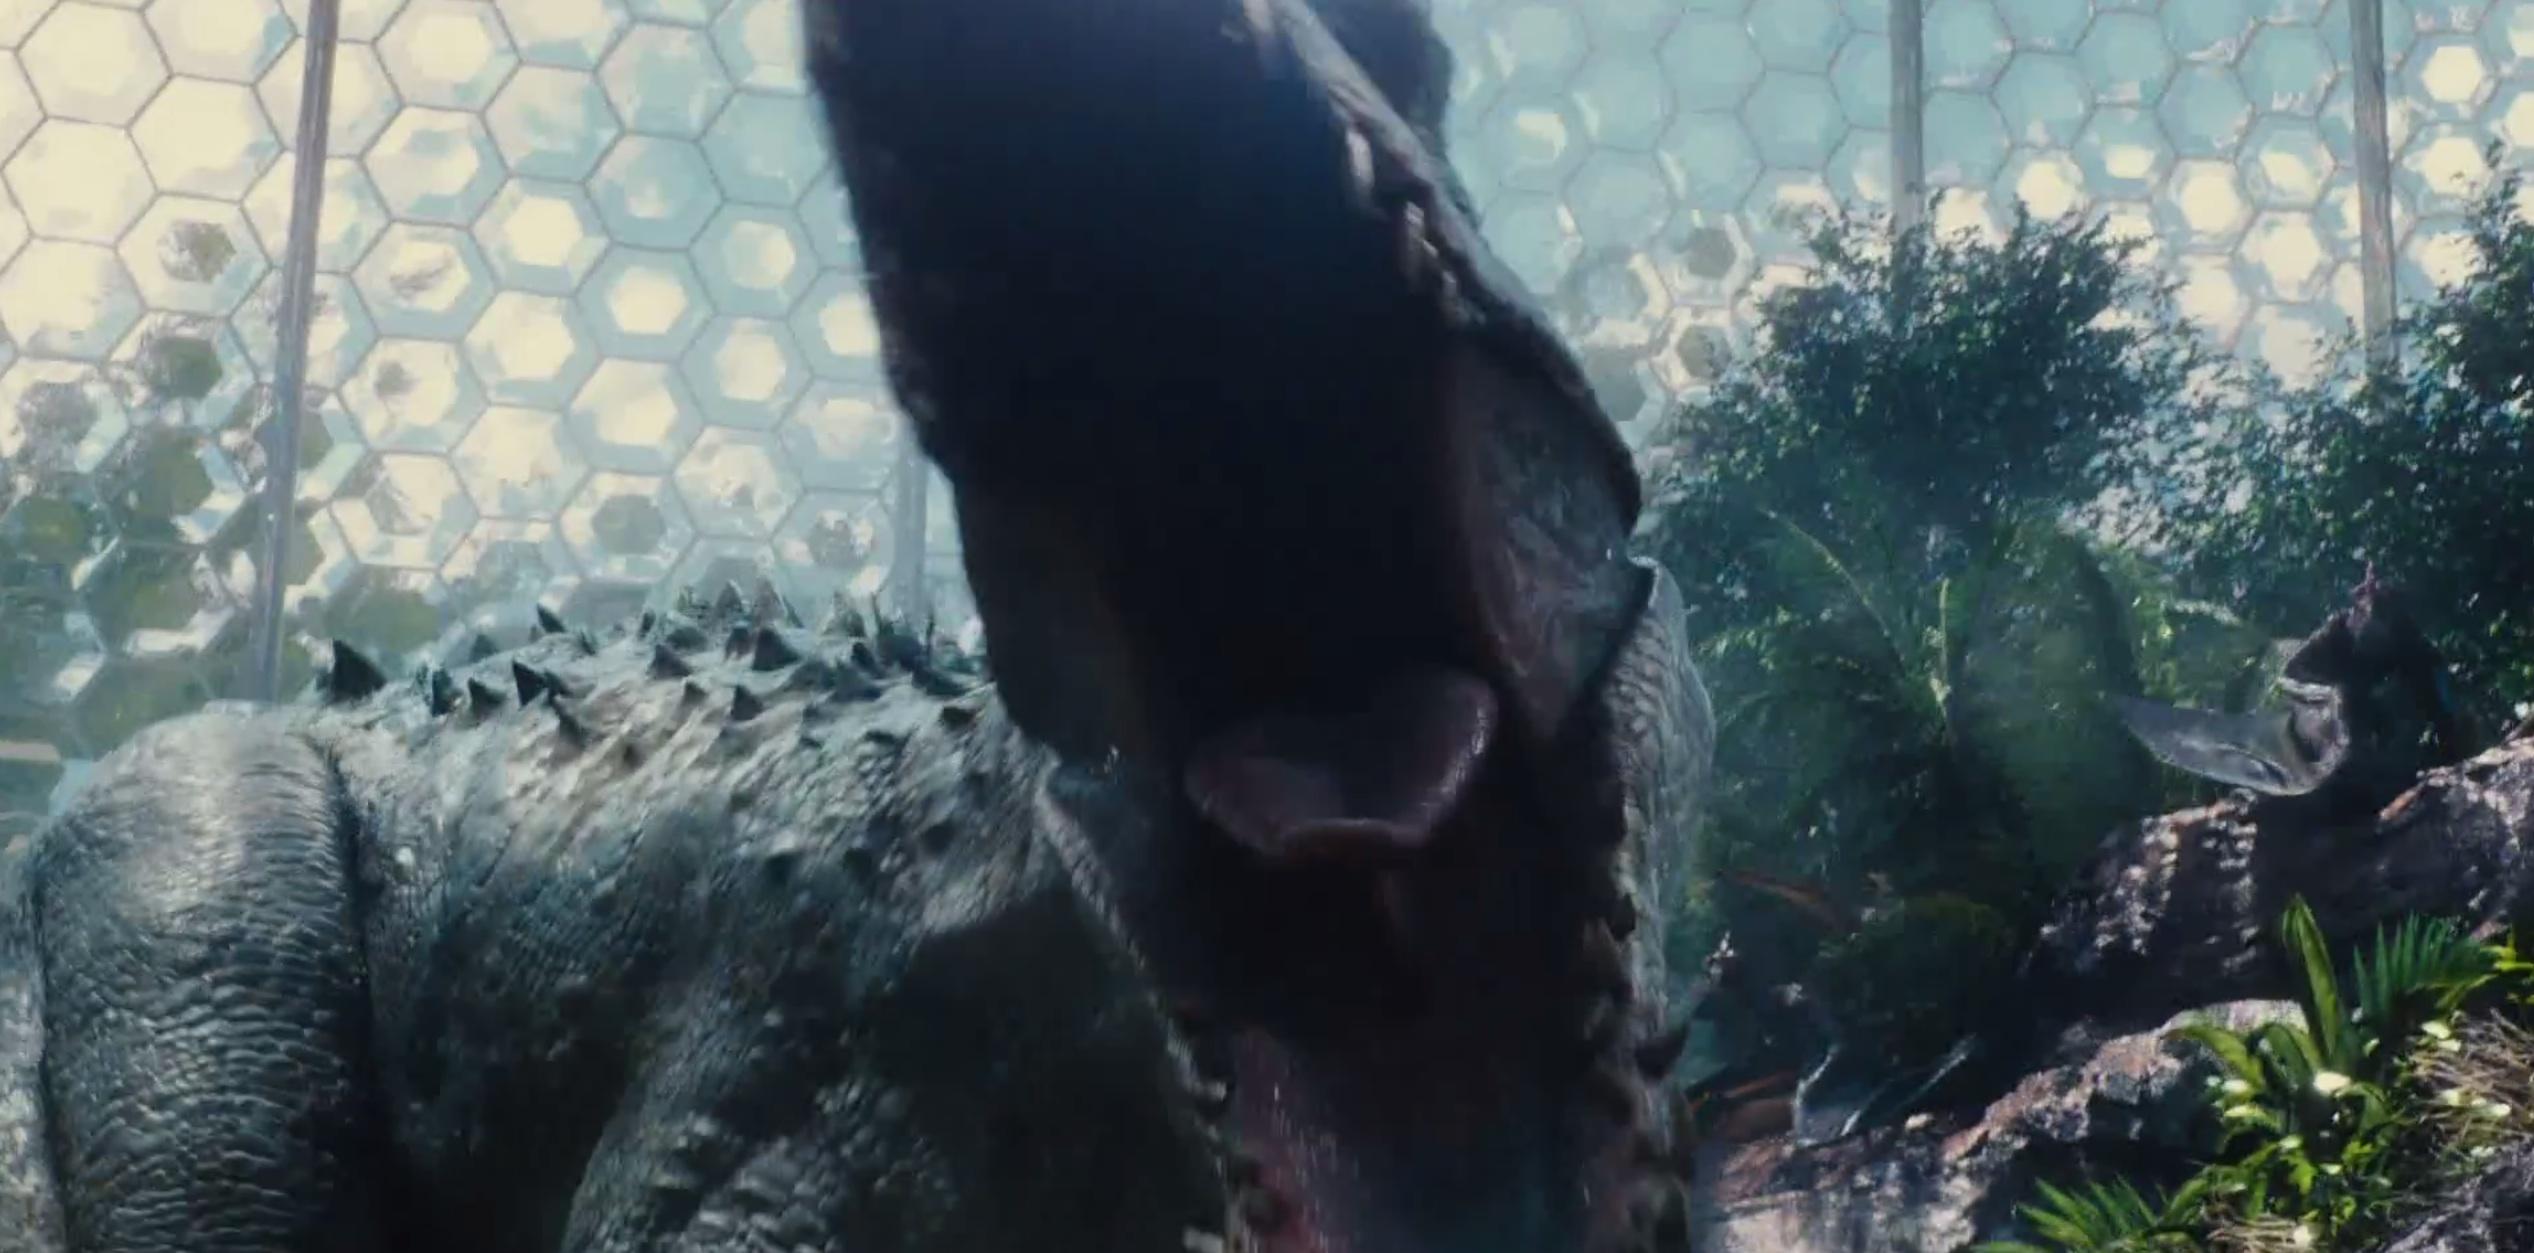 Jurassic World Trailer - Indominus Rex Dinosaurs Explained